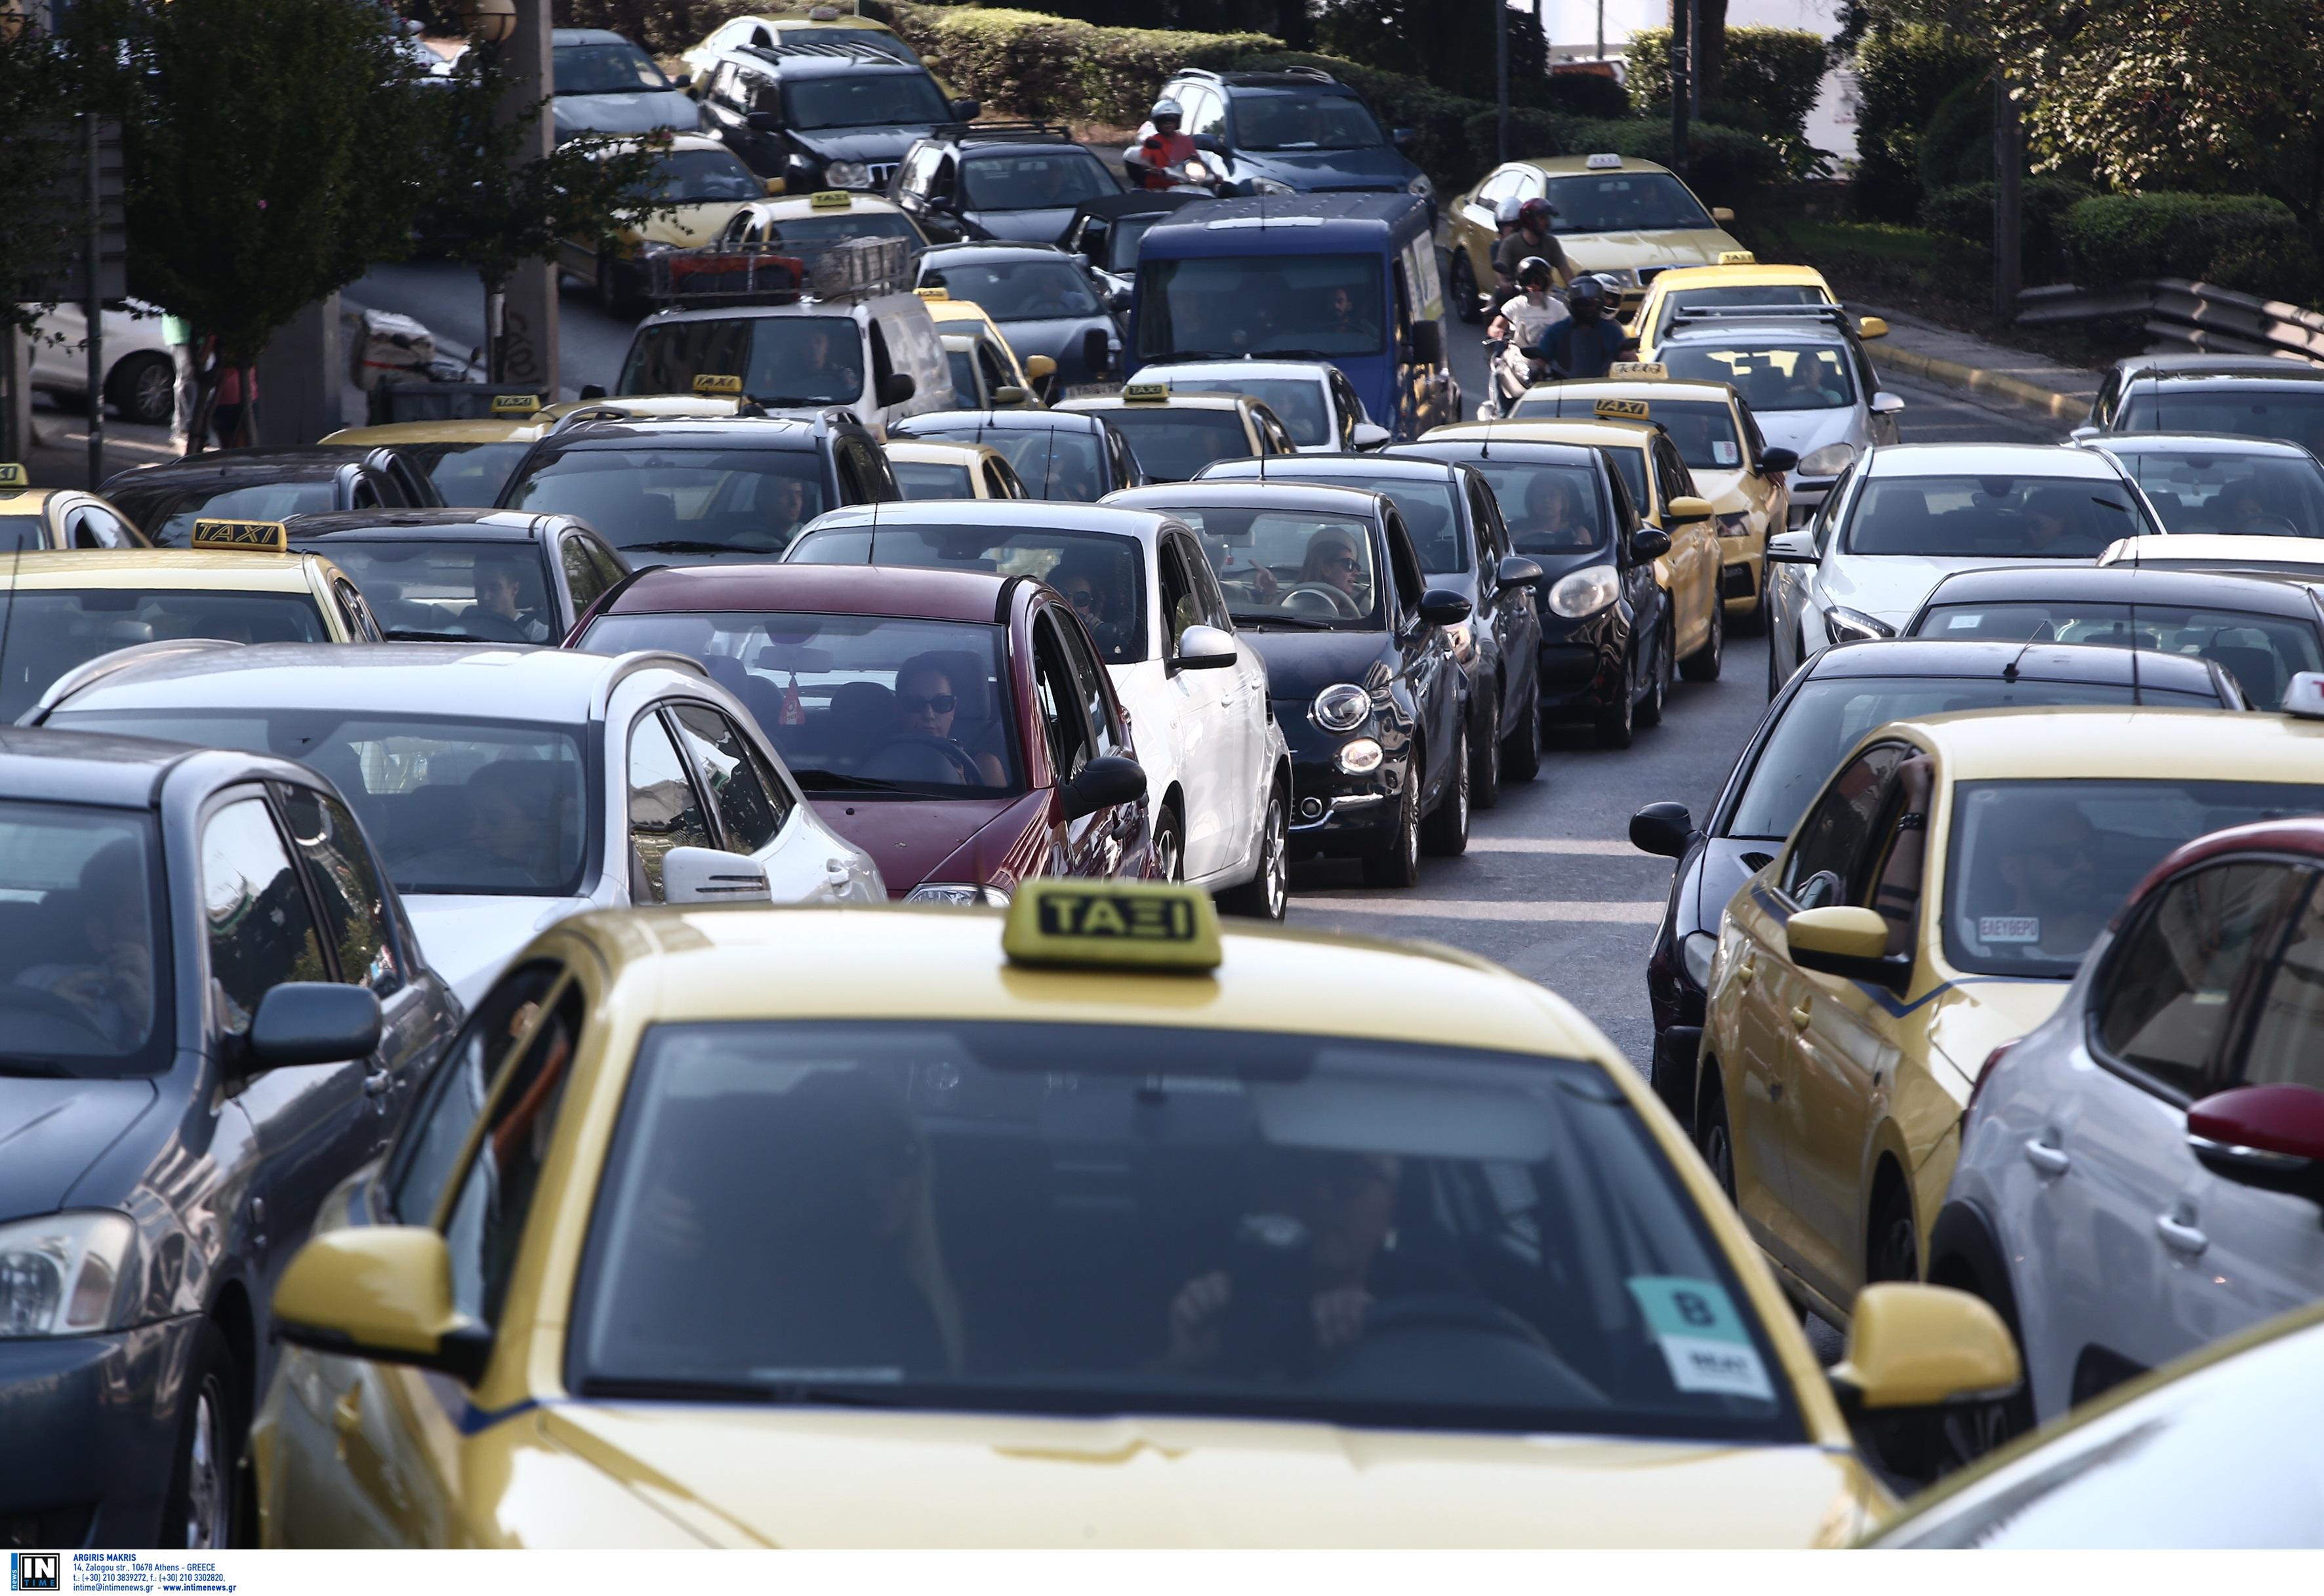 Λεωφόρος Αθηνών: Αποκαθίσταται η κυκλοφορία που είχε διακοπεί και στα δύο ρεύματα